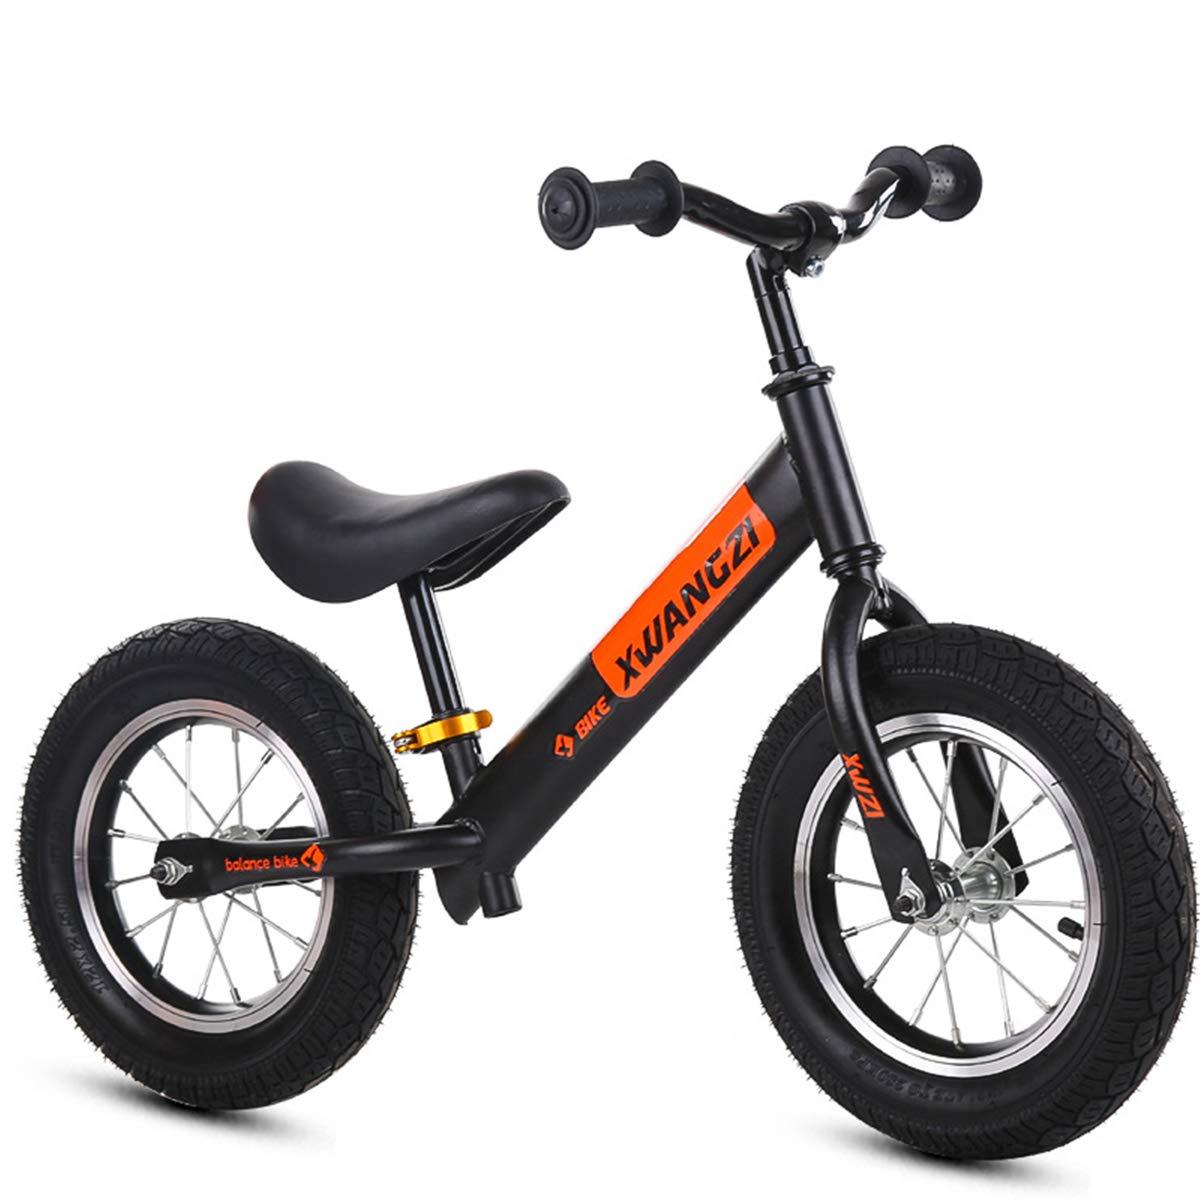 noir OneTaille YLET Vélo d'équilibre pour garçons et Filles, Vélo d'entraîneHommest léger sans pédale, Vélo d'équilibre réglable avec Cadre en Acier au voiturebone pour 2,3,4,5,6, Brake bleu-One